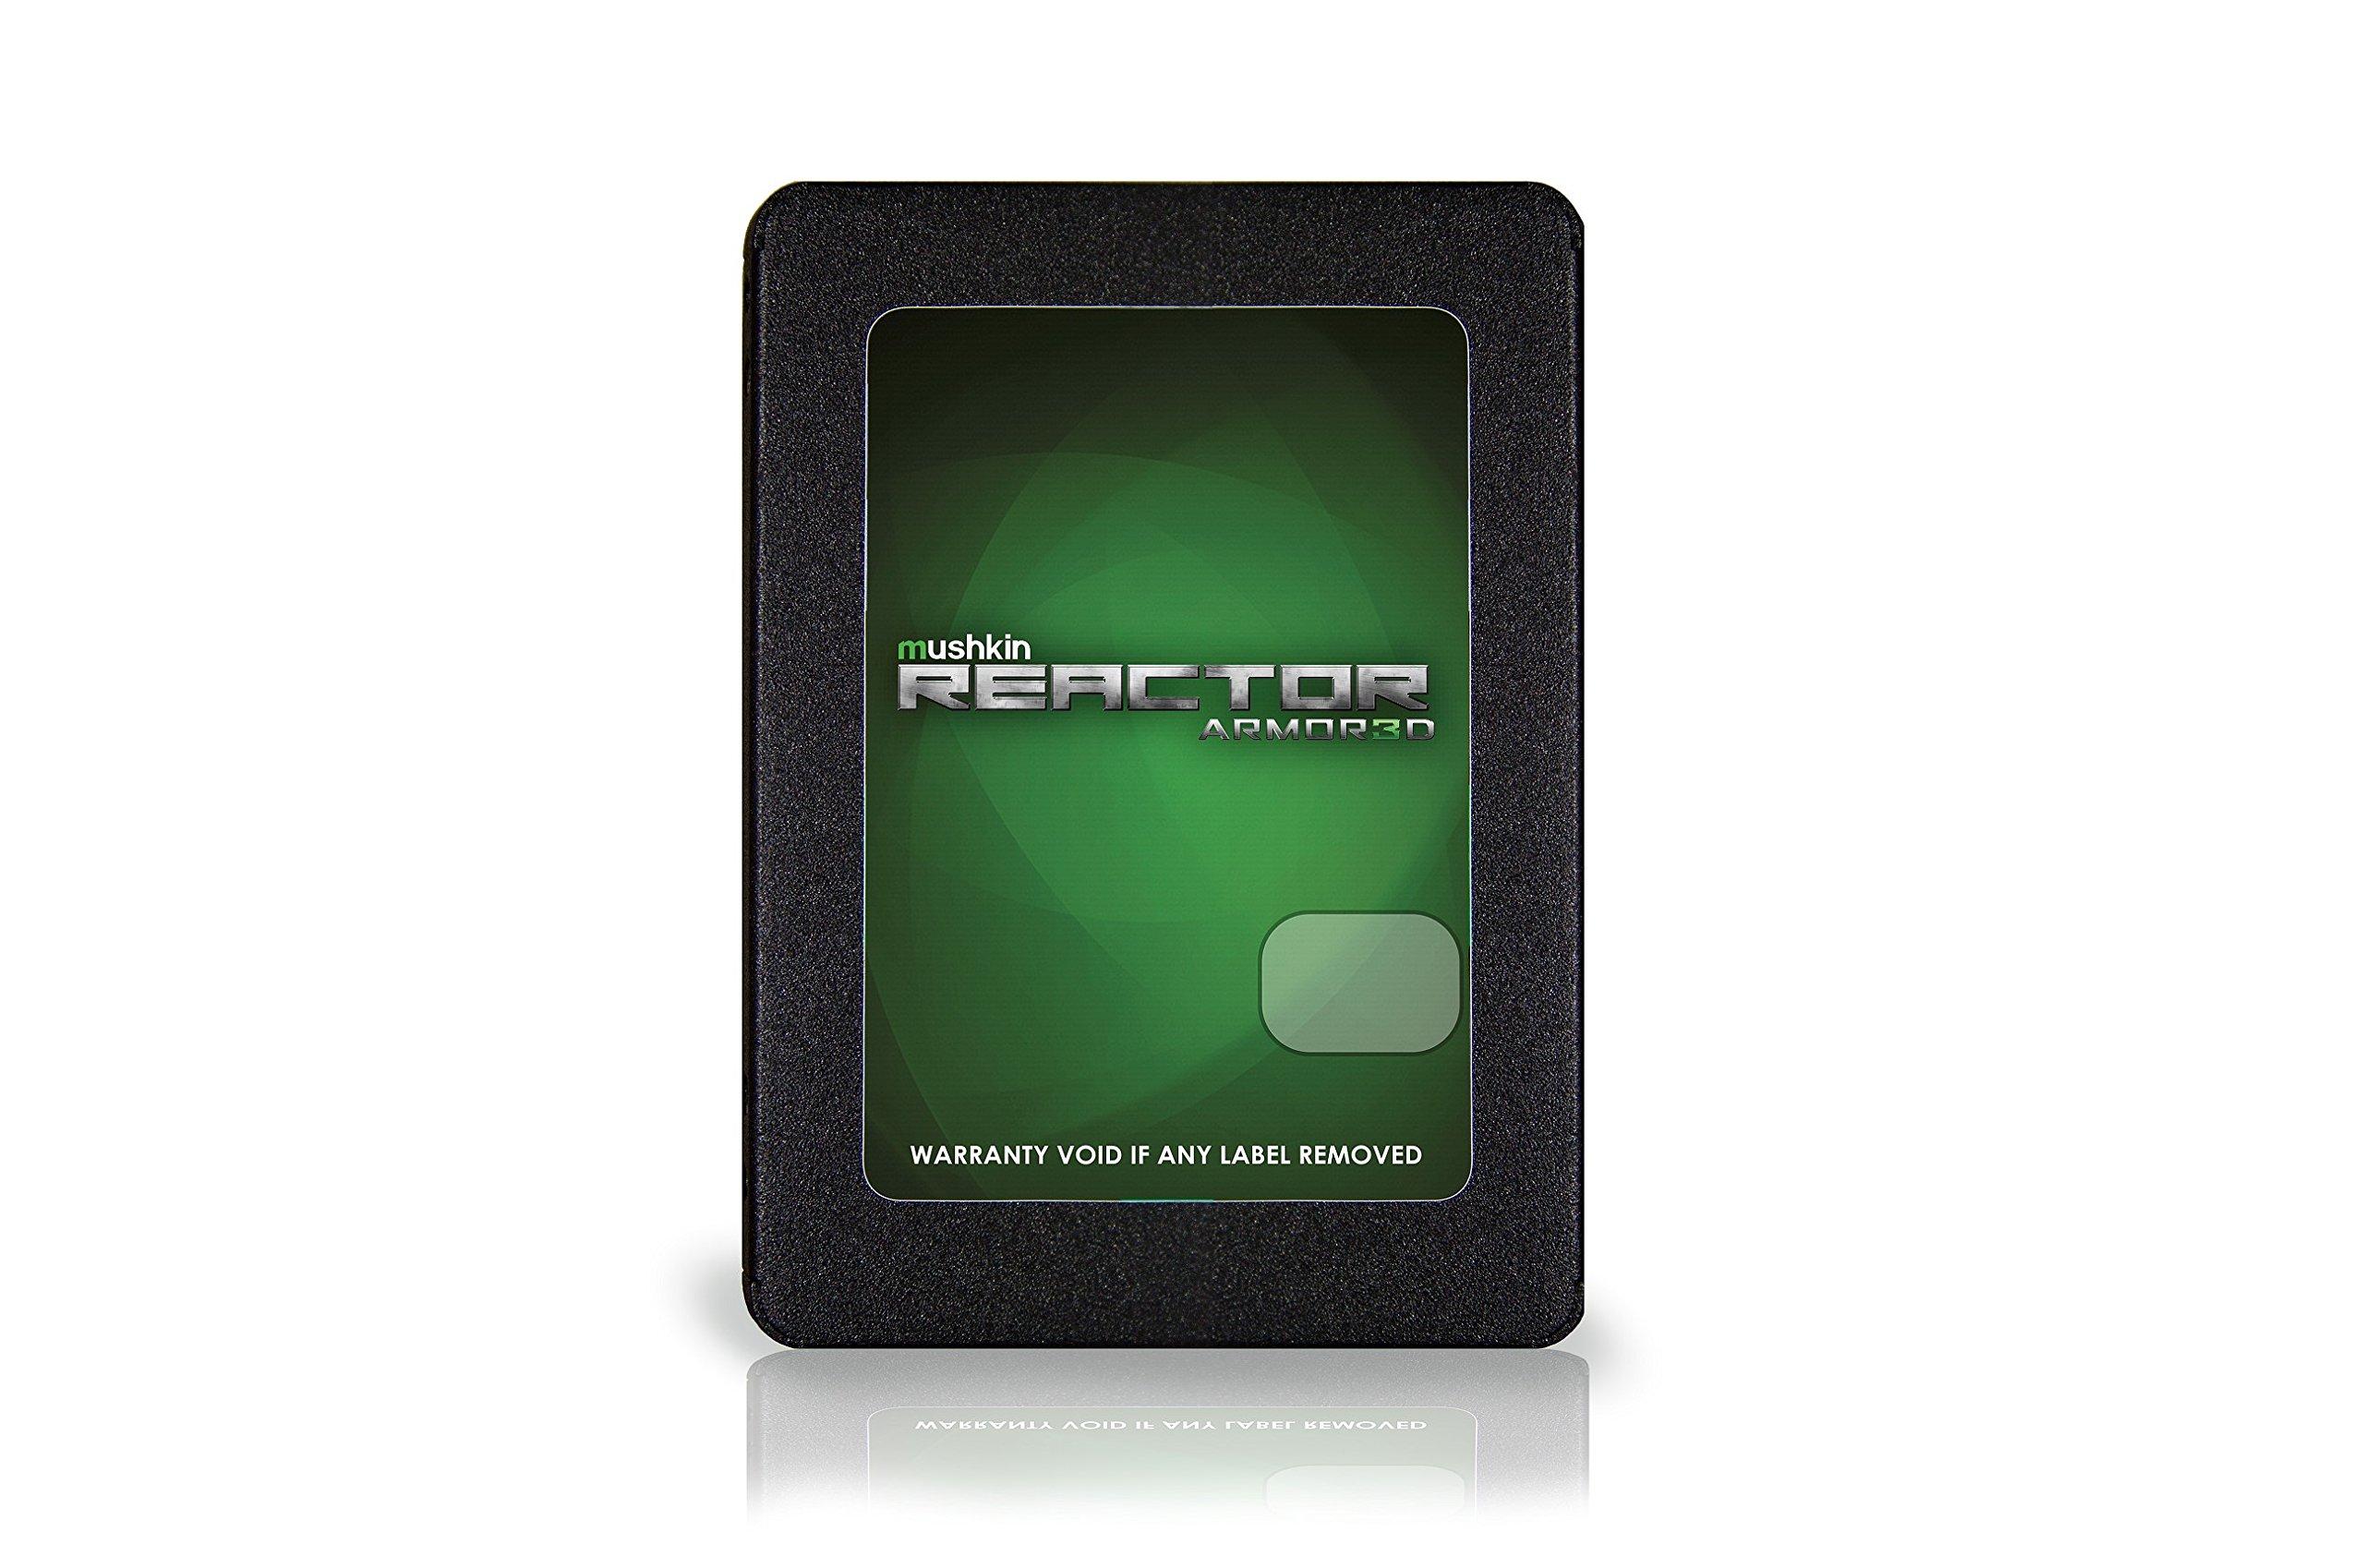 Mushkin REACTOR ARMOR3D - 480GB Internal Solid State Drive (SSD) - 2.5 Inch - SATA III - 6Gb/s - 3D Vertical MLC - 7mm - MKNSSDRE480GB-3D by Mushkin